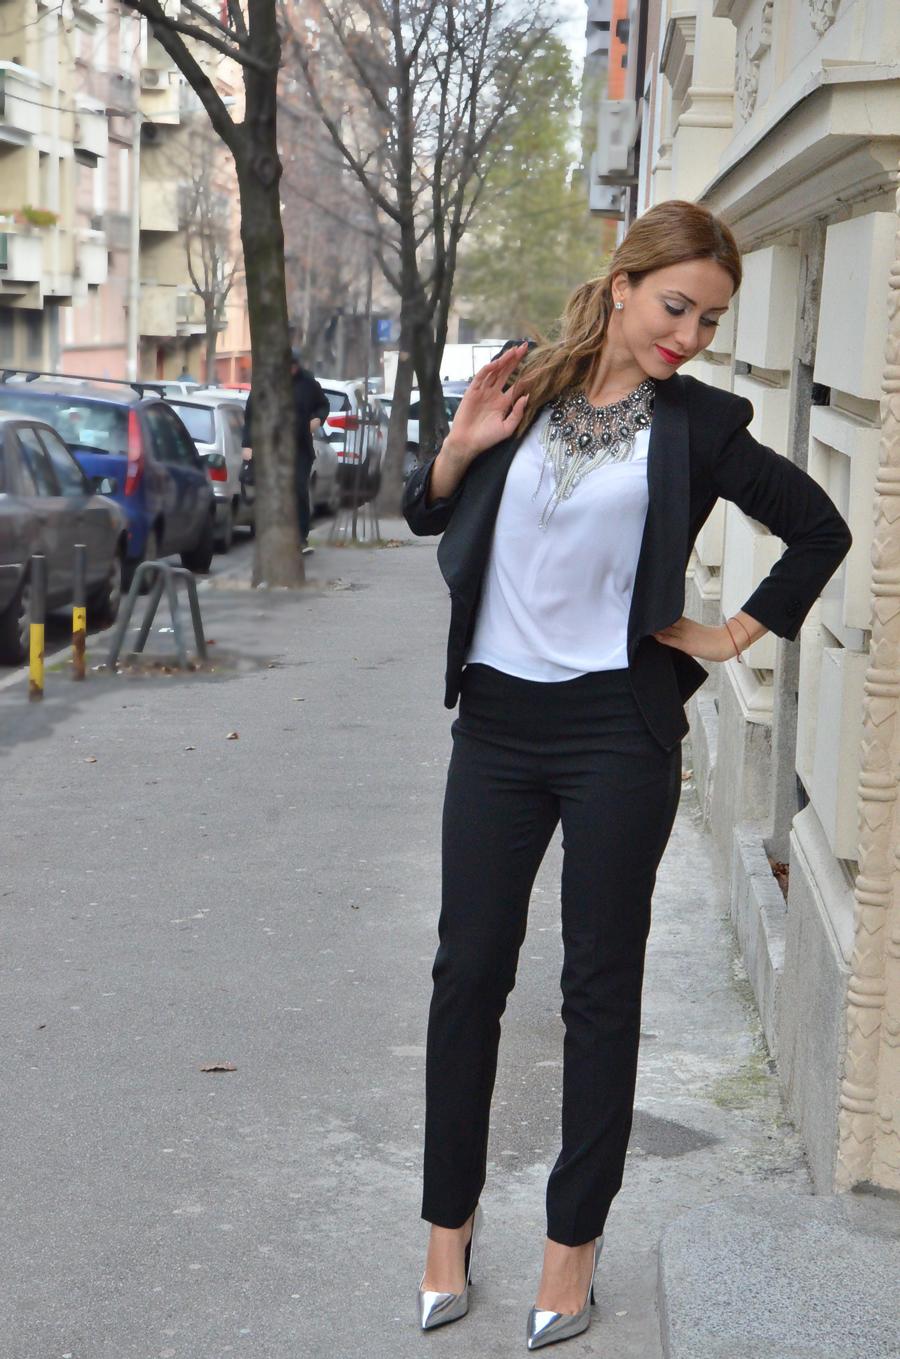 Women's tuxedo Outfit / Stasha Fashion by Anastasija Milojevic